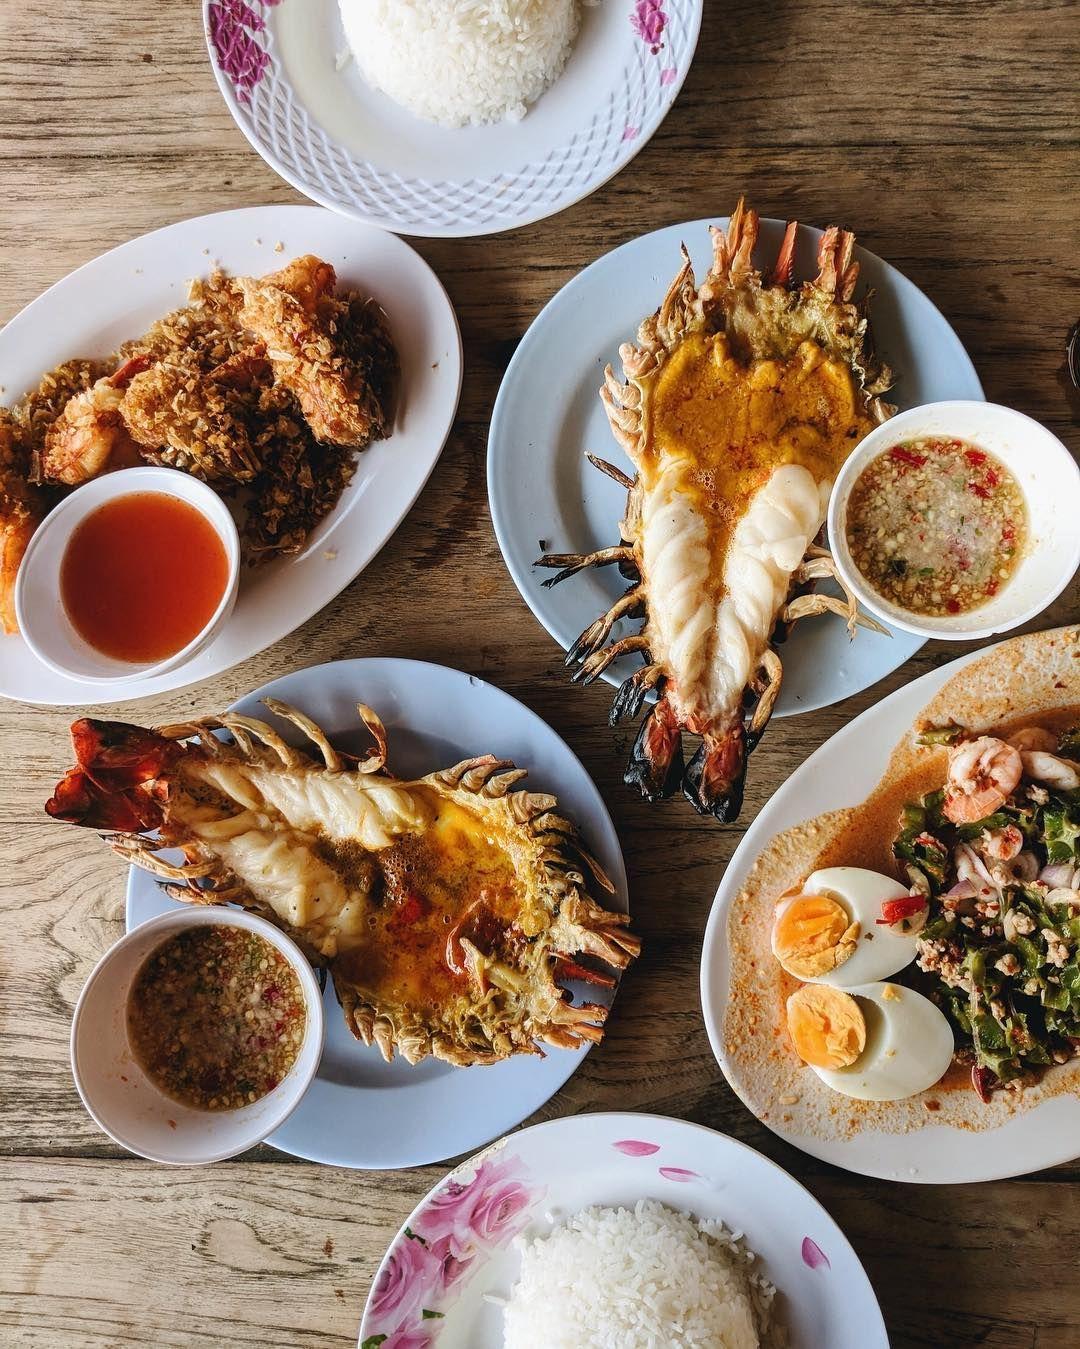 Giant river prawns at a restaurant in Ayutthaya, Thailand